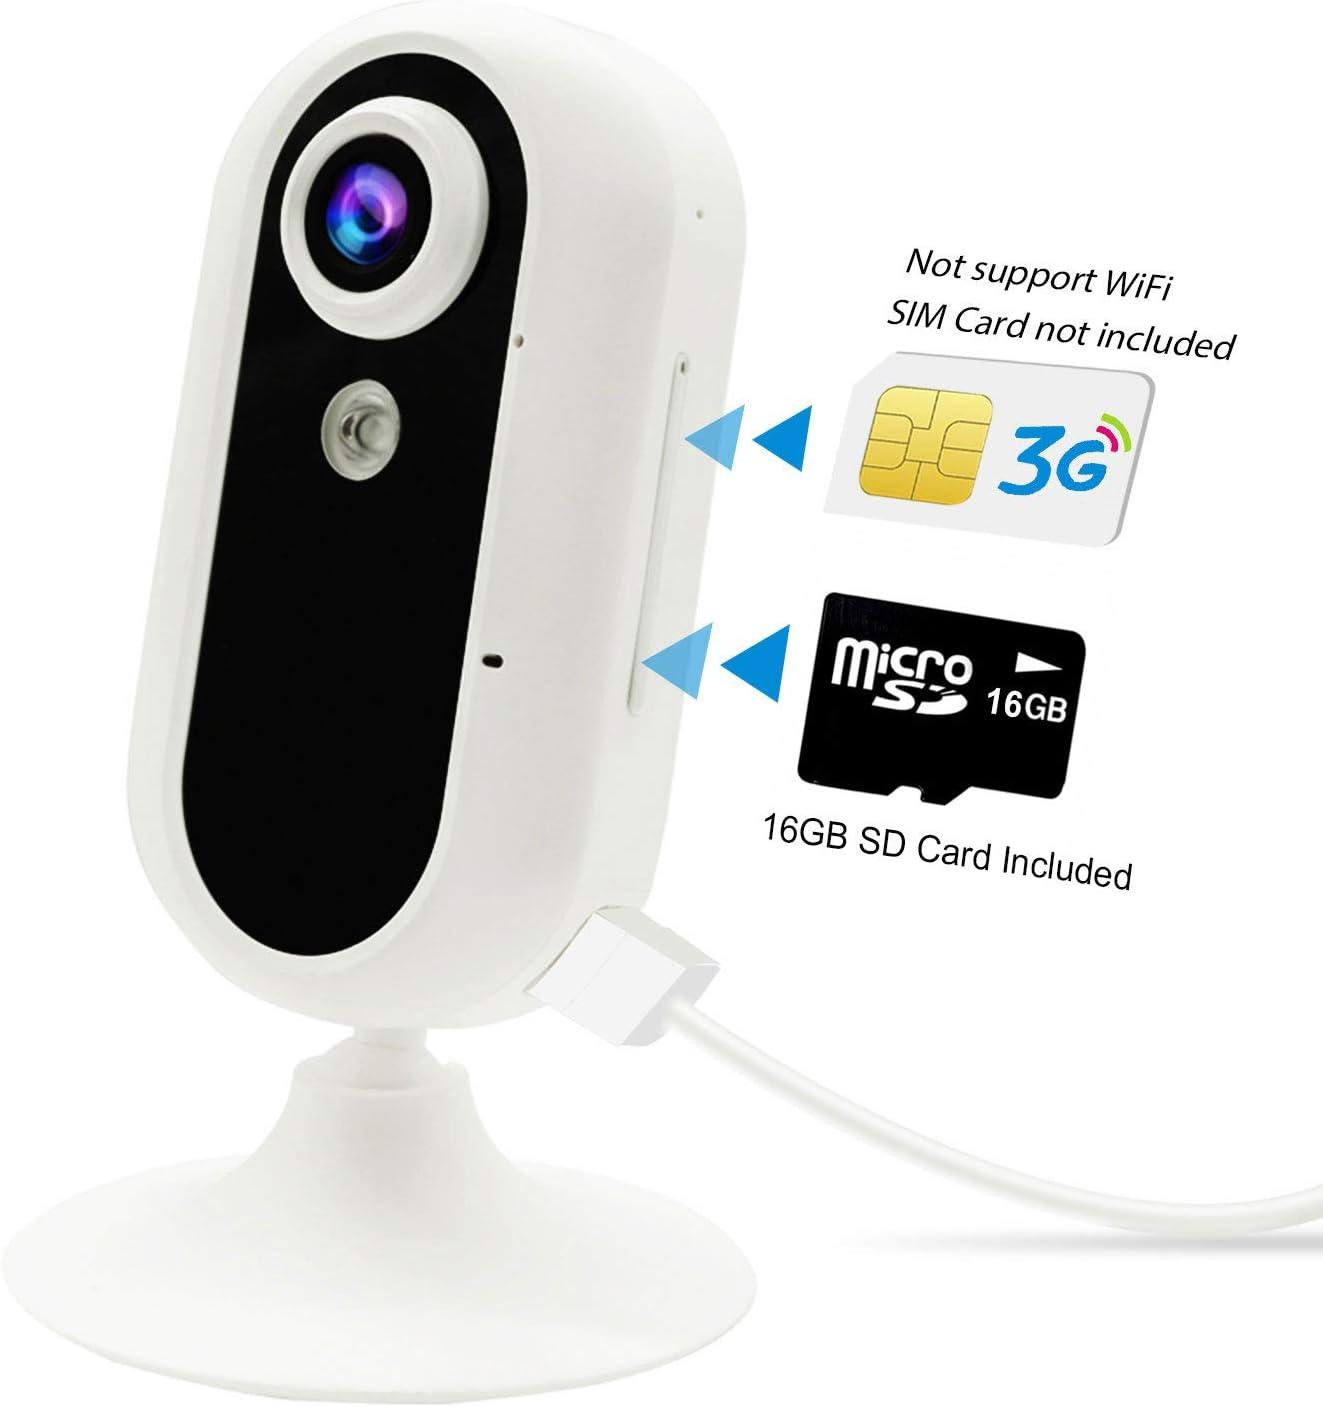 3G Cámara de Vigilancia, Jimi Cámara de Interior Seguridad Móvil con Video en Vivo/Visión Nocturna/De Dos Vías Audio/Movimiento/Detección de Sonido/Monitoreo de Mascotas GM01N: Amazon.es: Bricolaje y herramientas